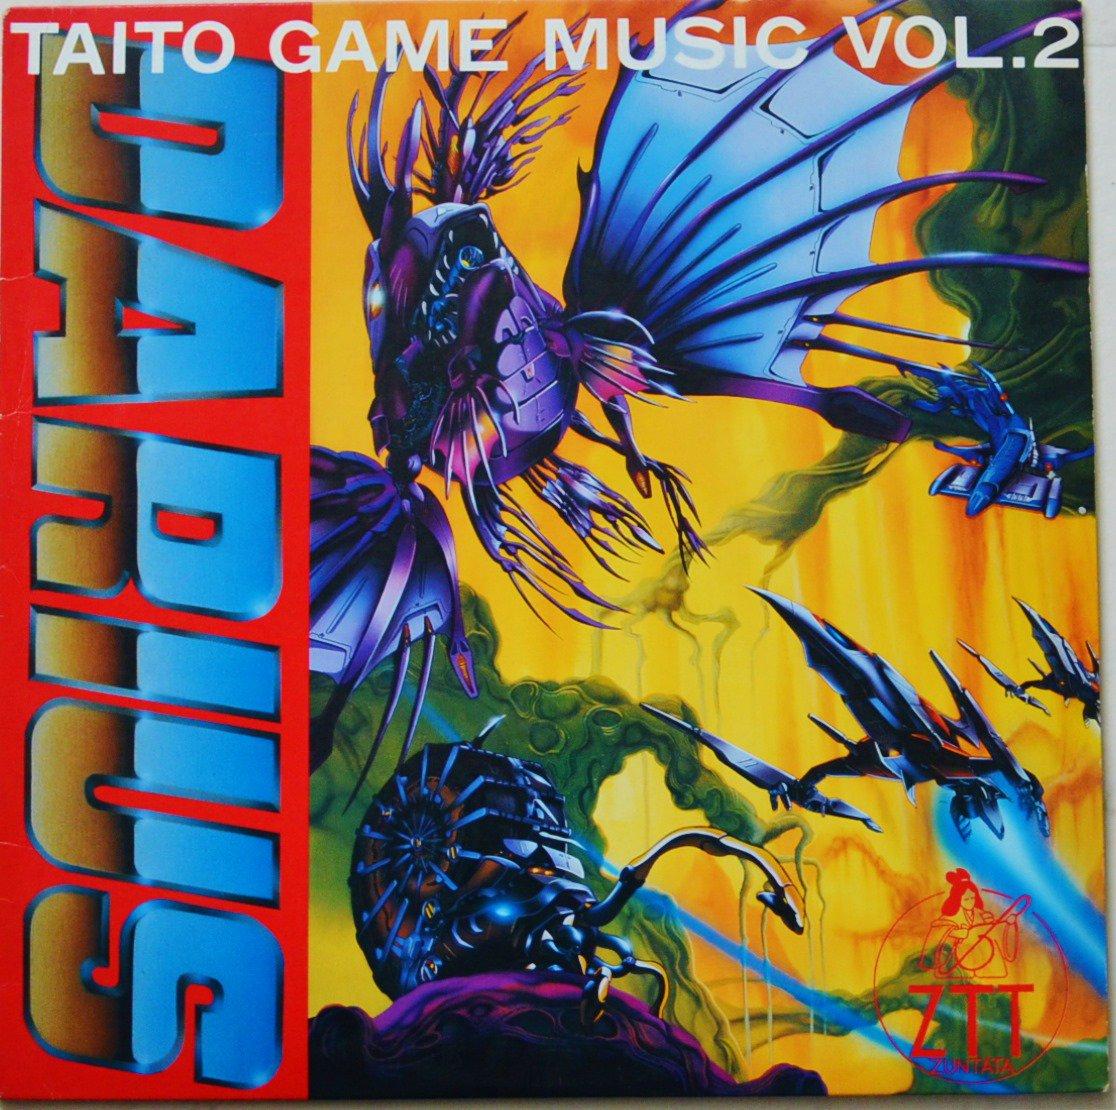 ZUNTATA (TAITO SOUND TEAM) / DARIUS - TAITO GAME MUSIC VOL. 2 (LP)